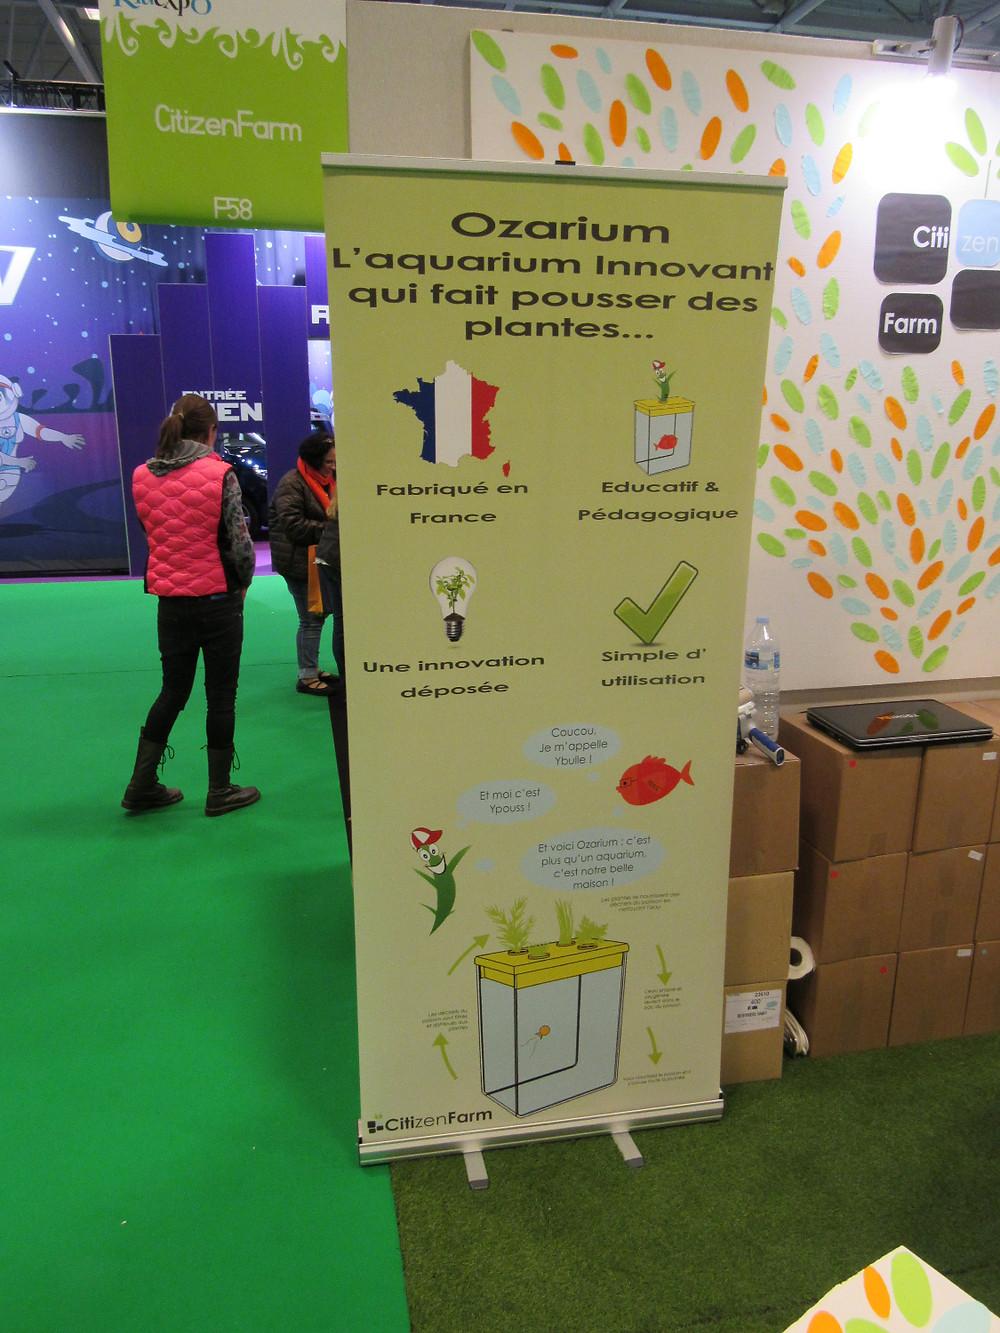 ozarium aquarium